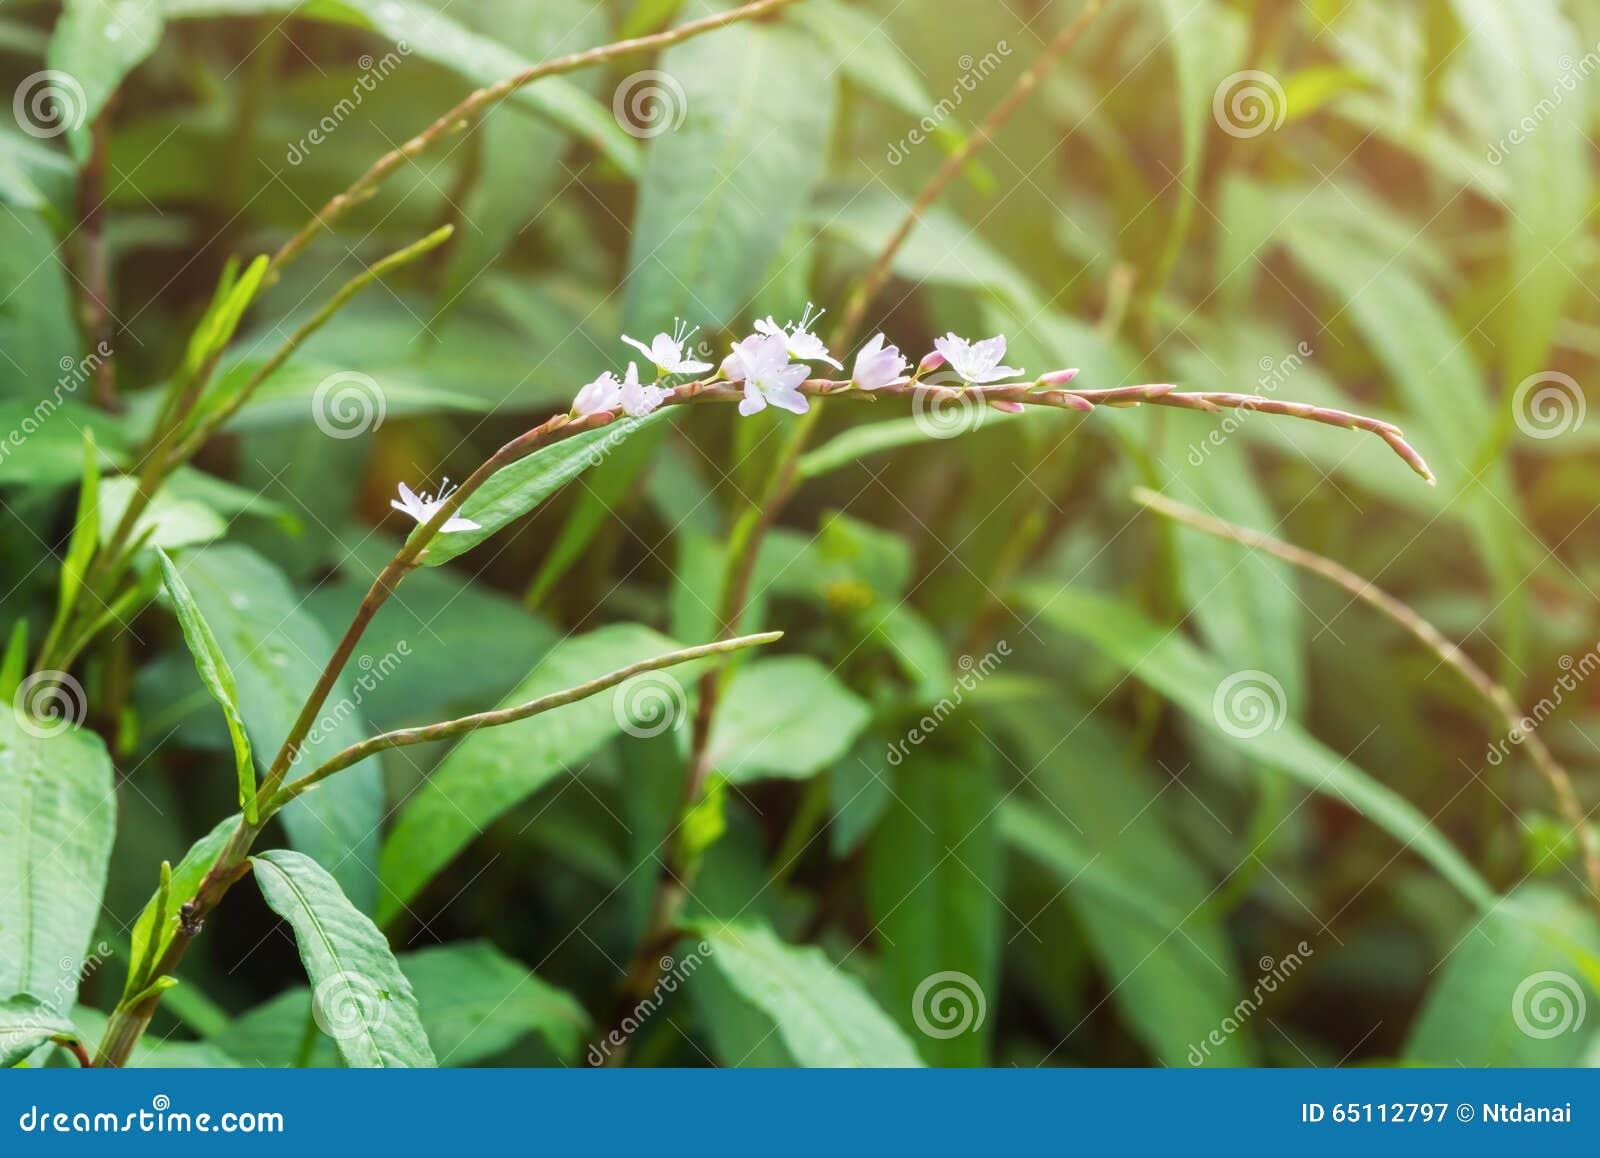 Pink Flower Of Vietnamese Coriander In Garden Stock Image Image Of